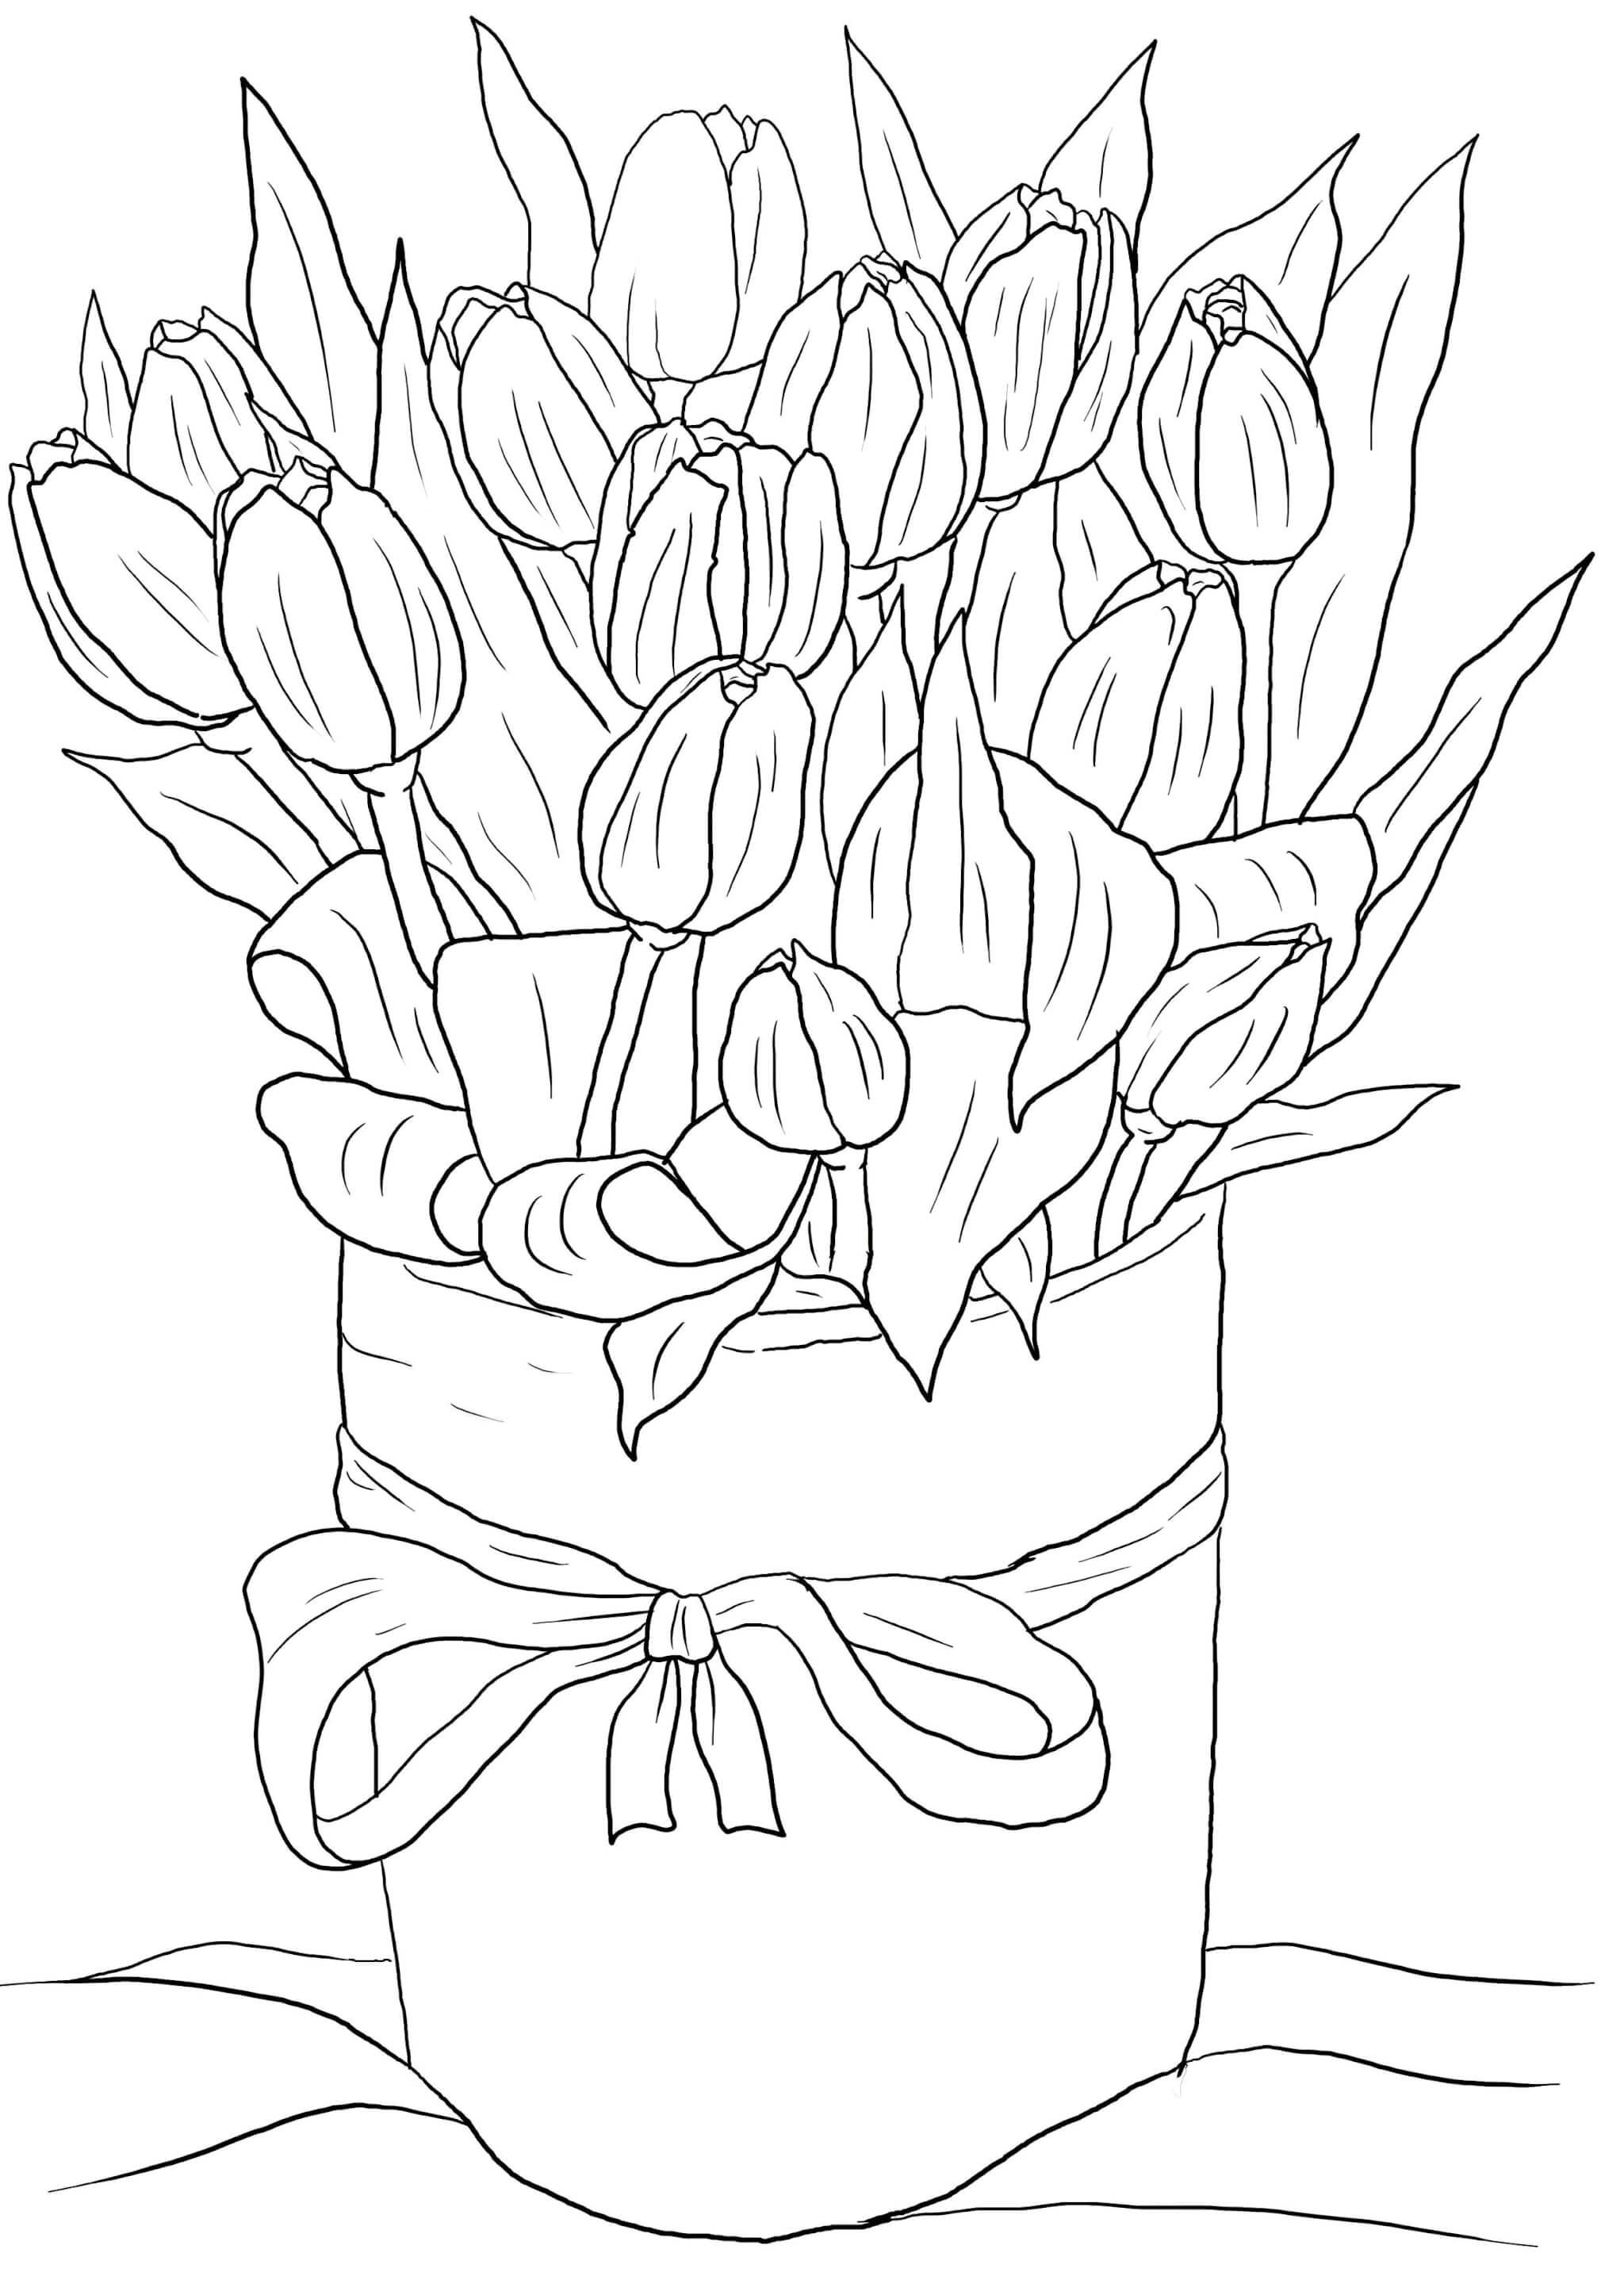 Раскраска Тюльпаны к 8 марта